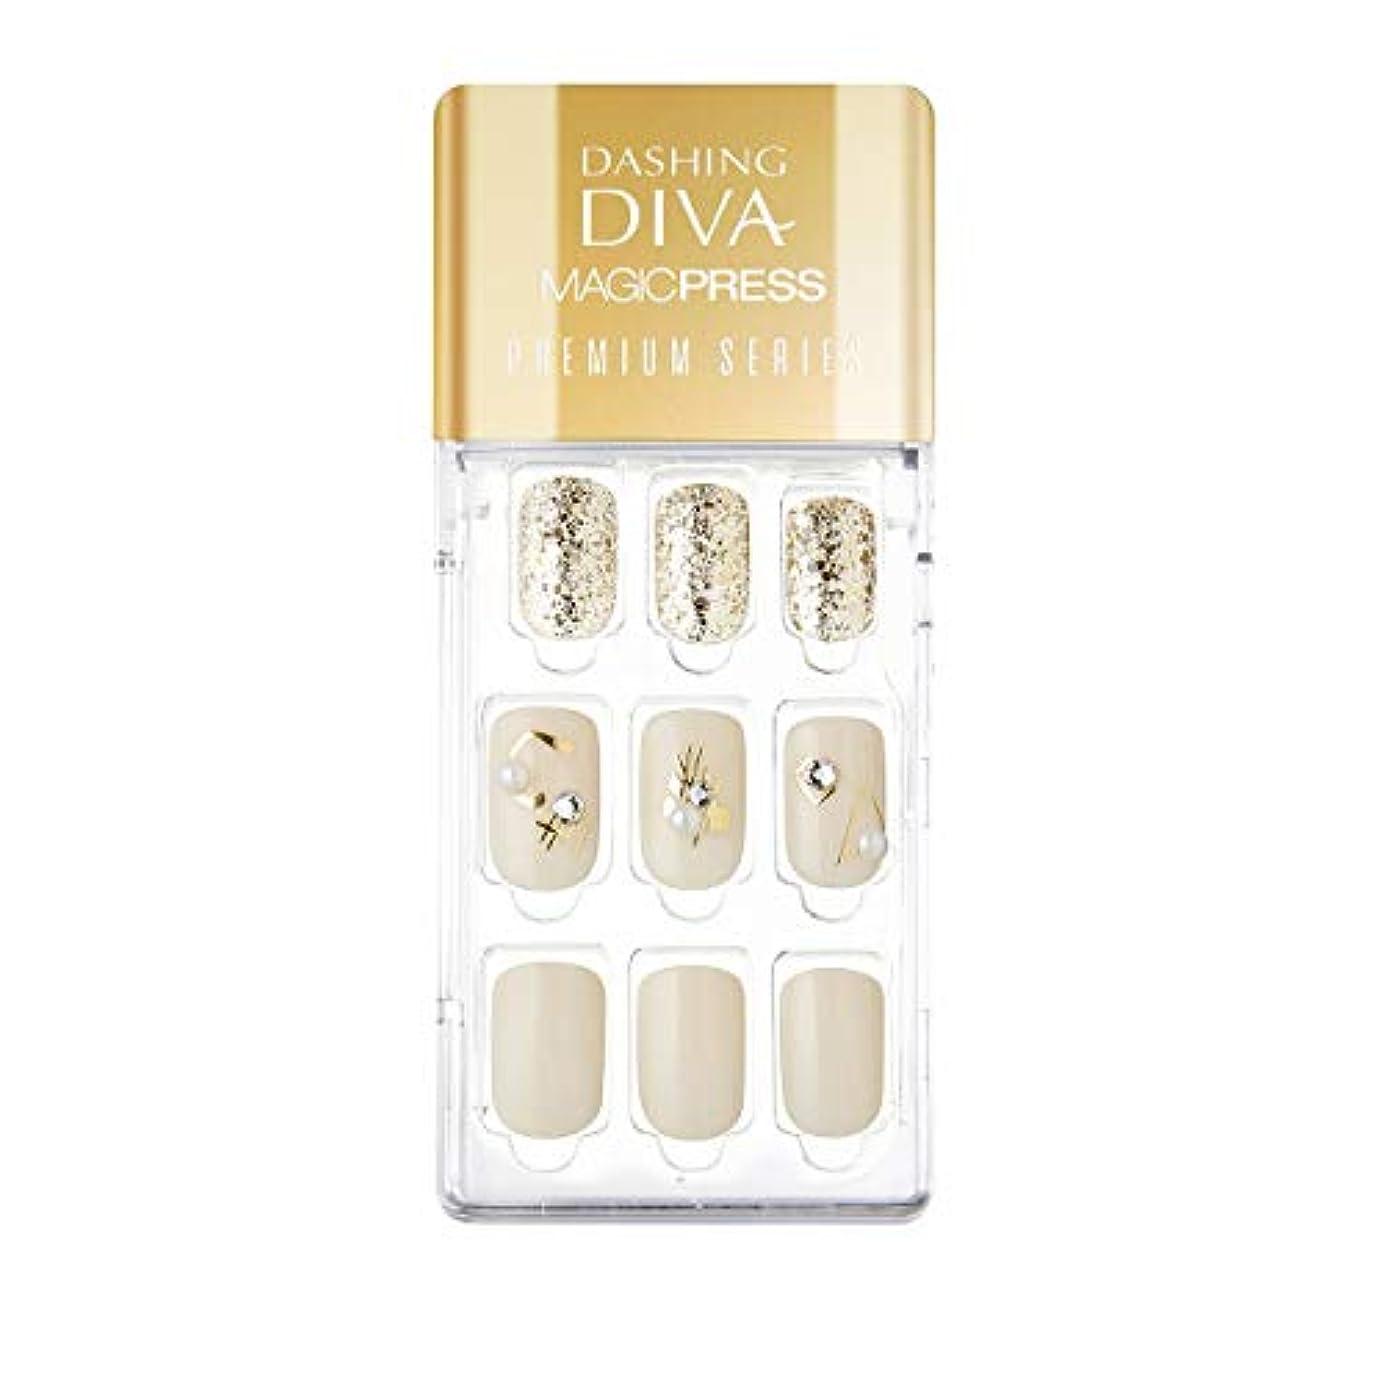 成熟脱獄困ったダッシングディバ マジックプレス DASHING DIVA MagicPress MDR_325PR-DURY+ オリジナルジェル ネイルチップ Cream Pottery